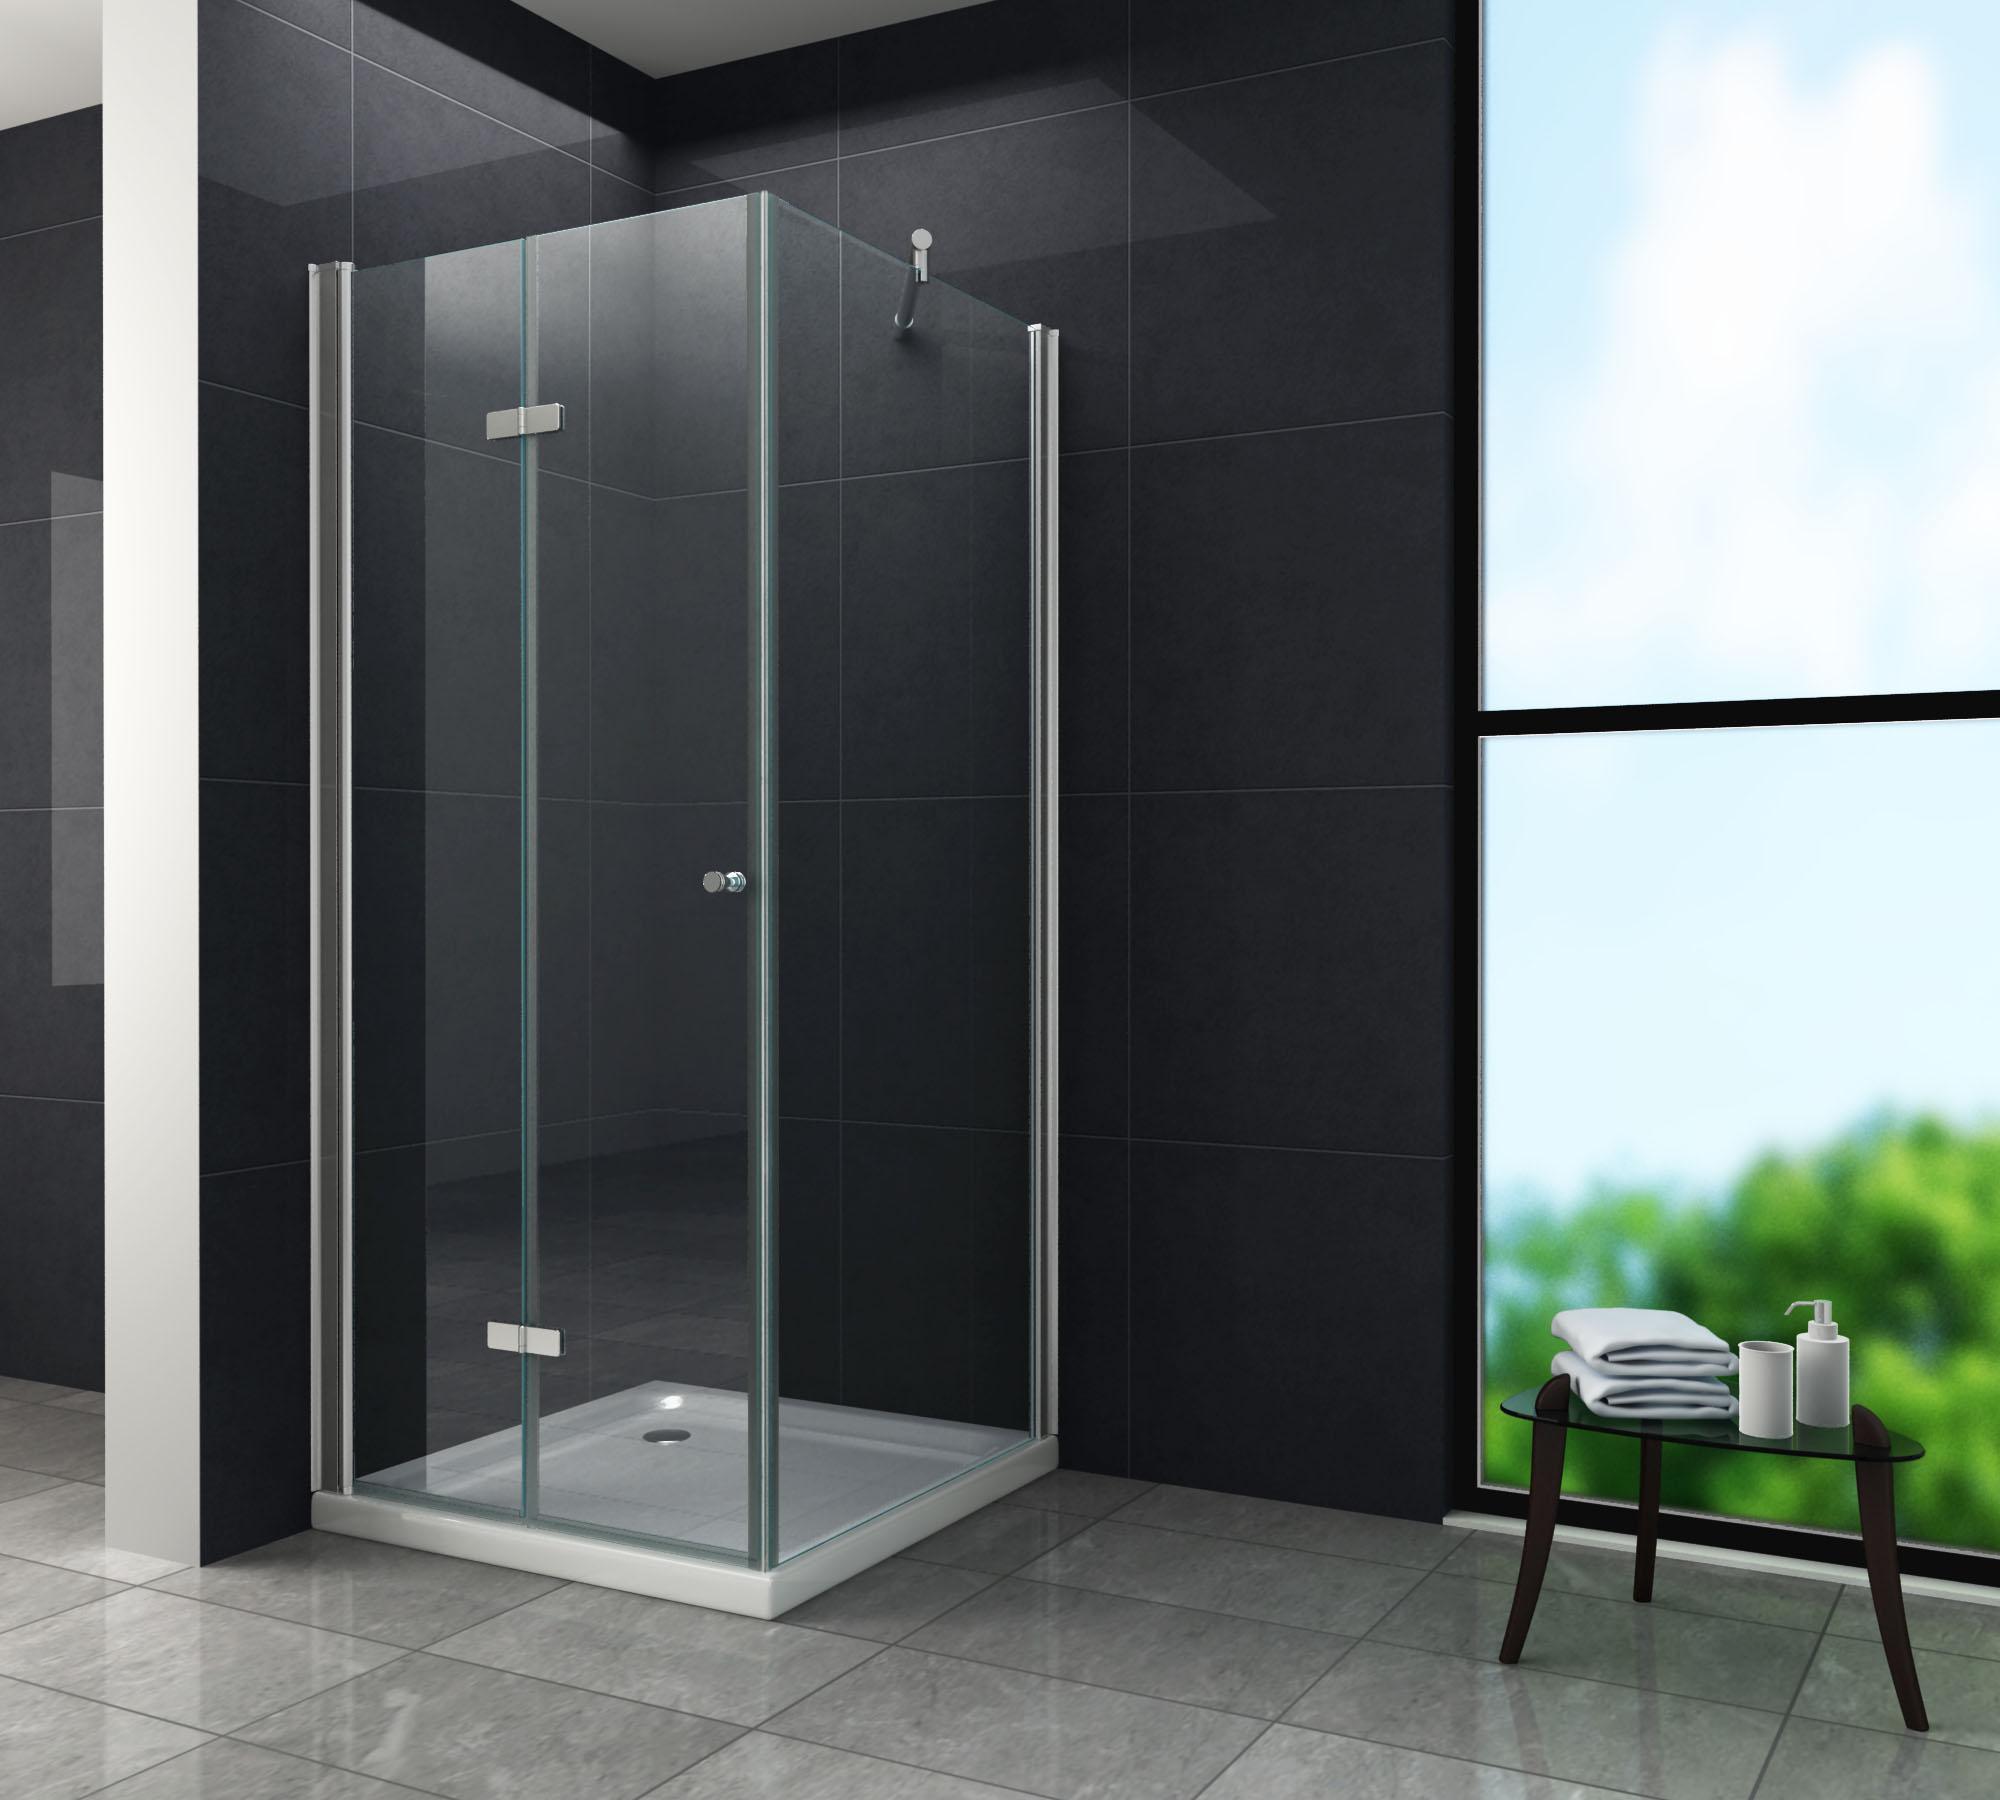 Falttür Duschkabine ONTO 100 x 100 x 195 cm ohne Duschtasse